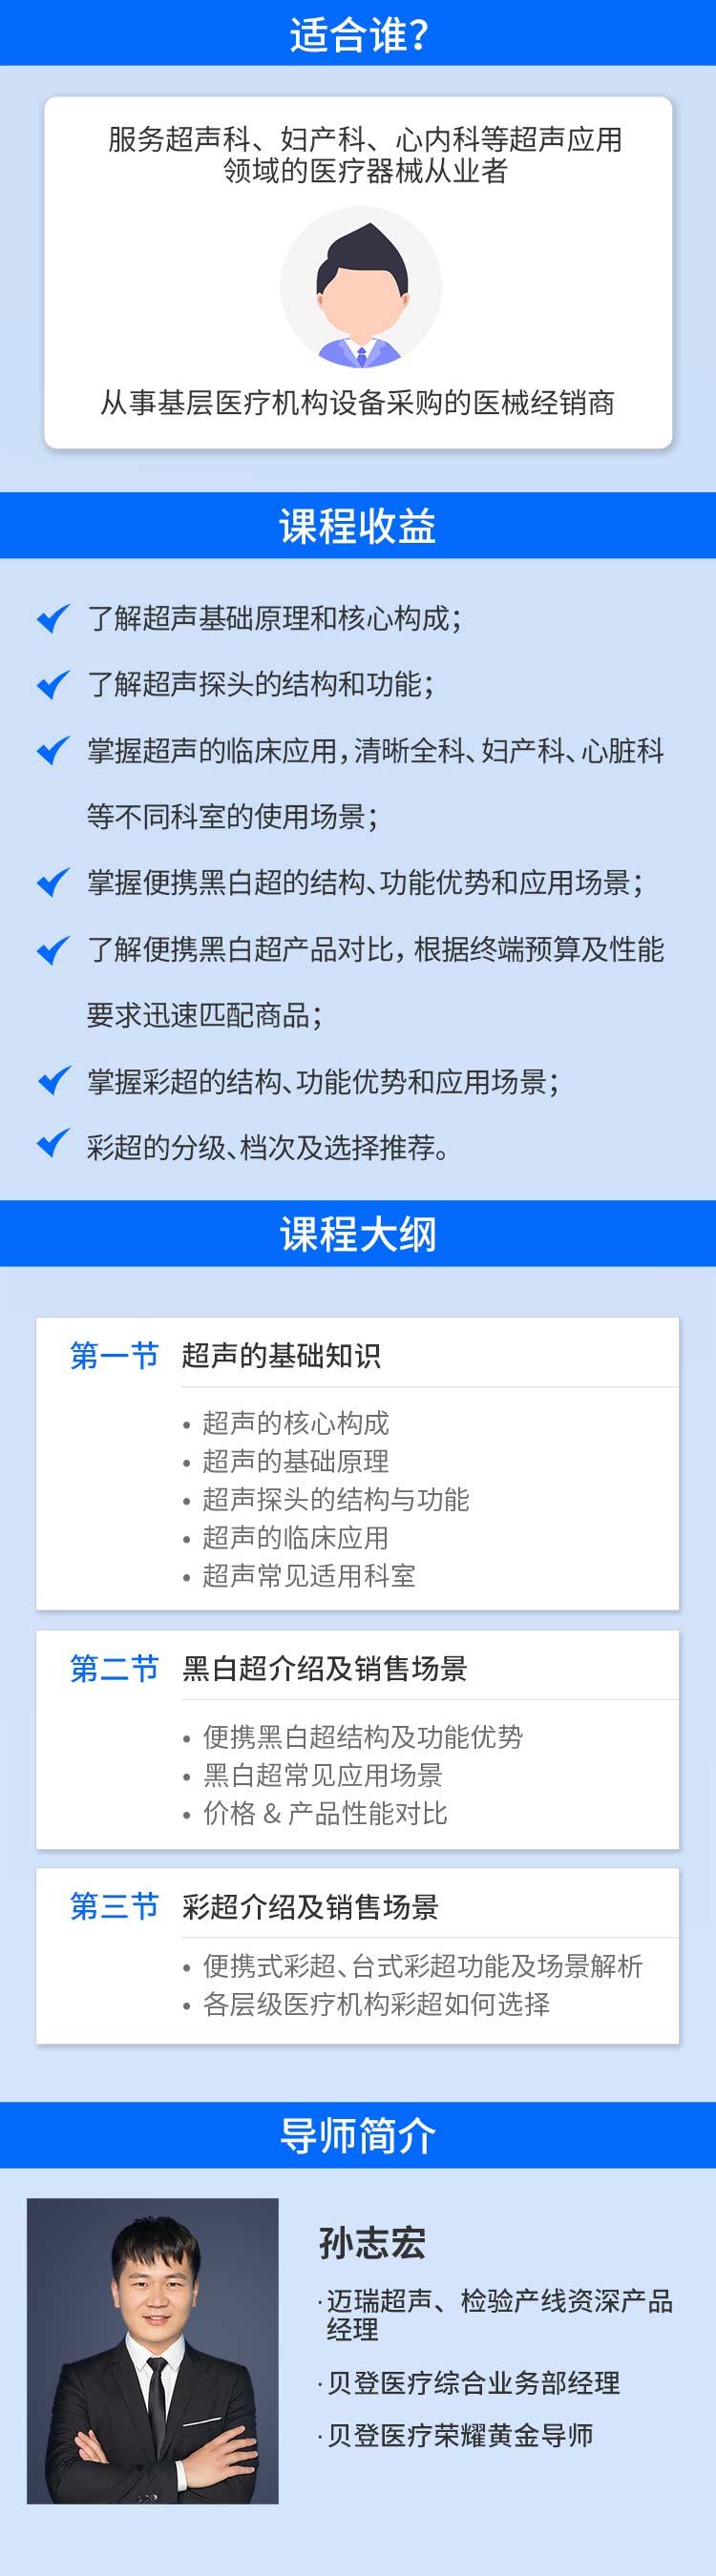 迈瑞-课程详情页-资讯(1).jpg